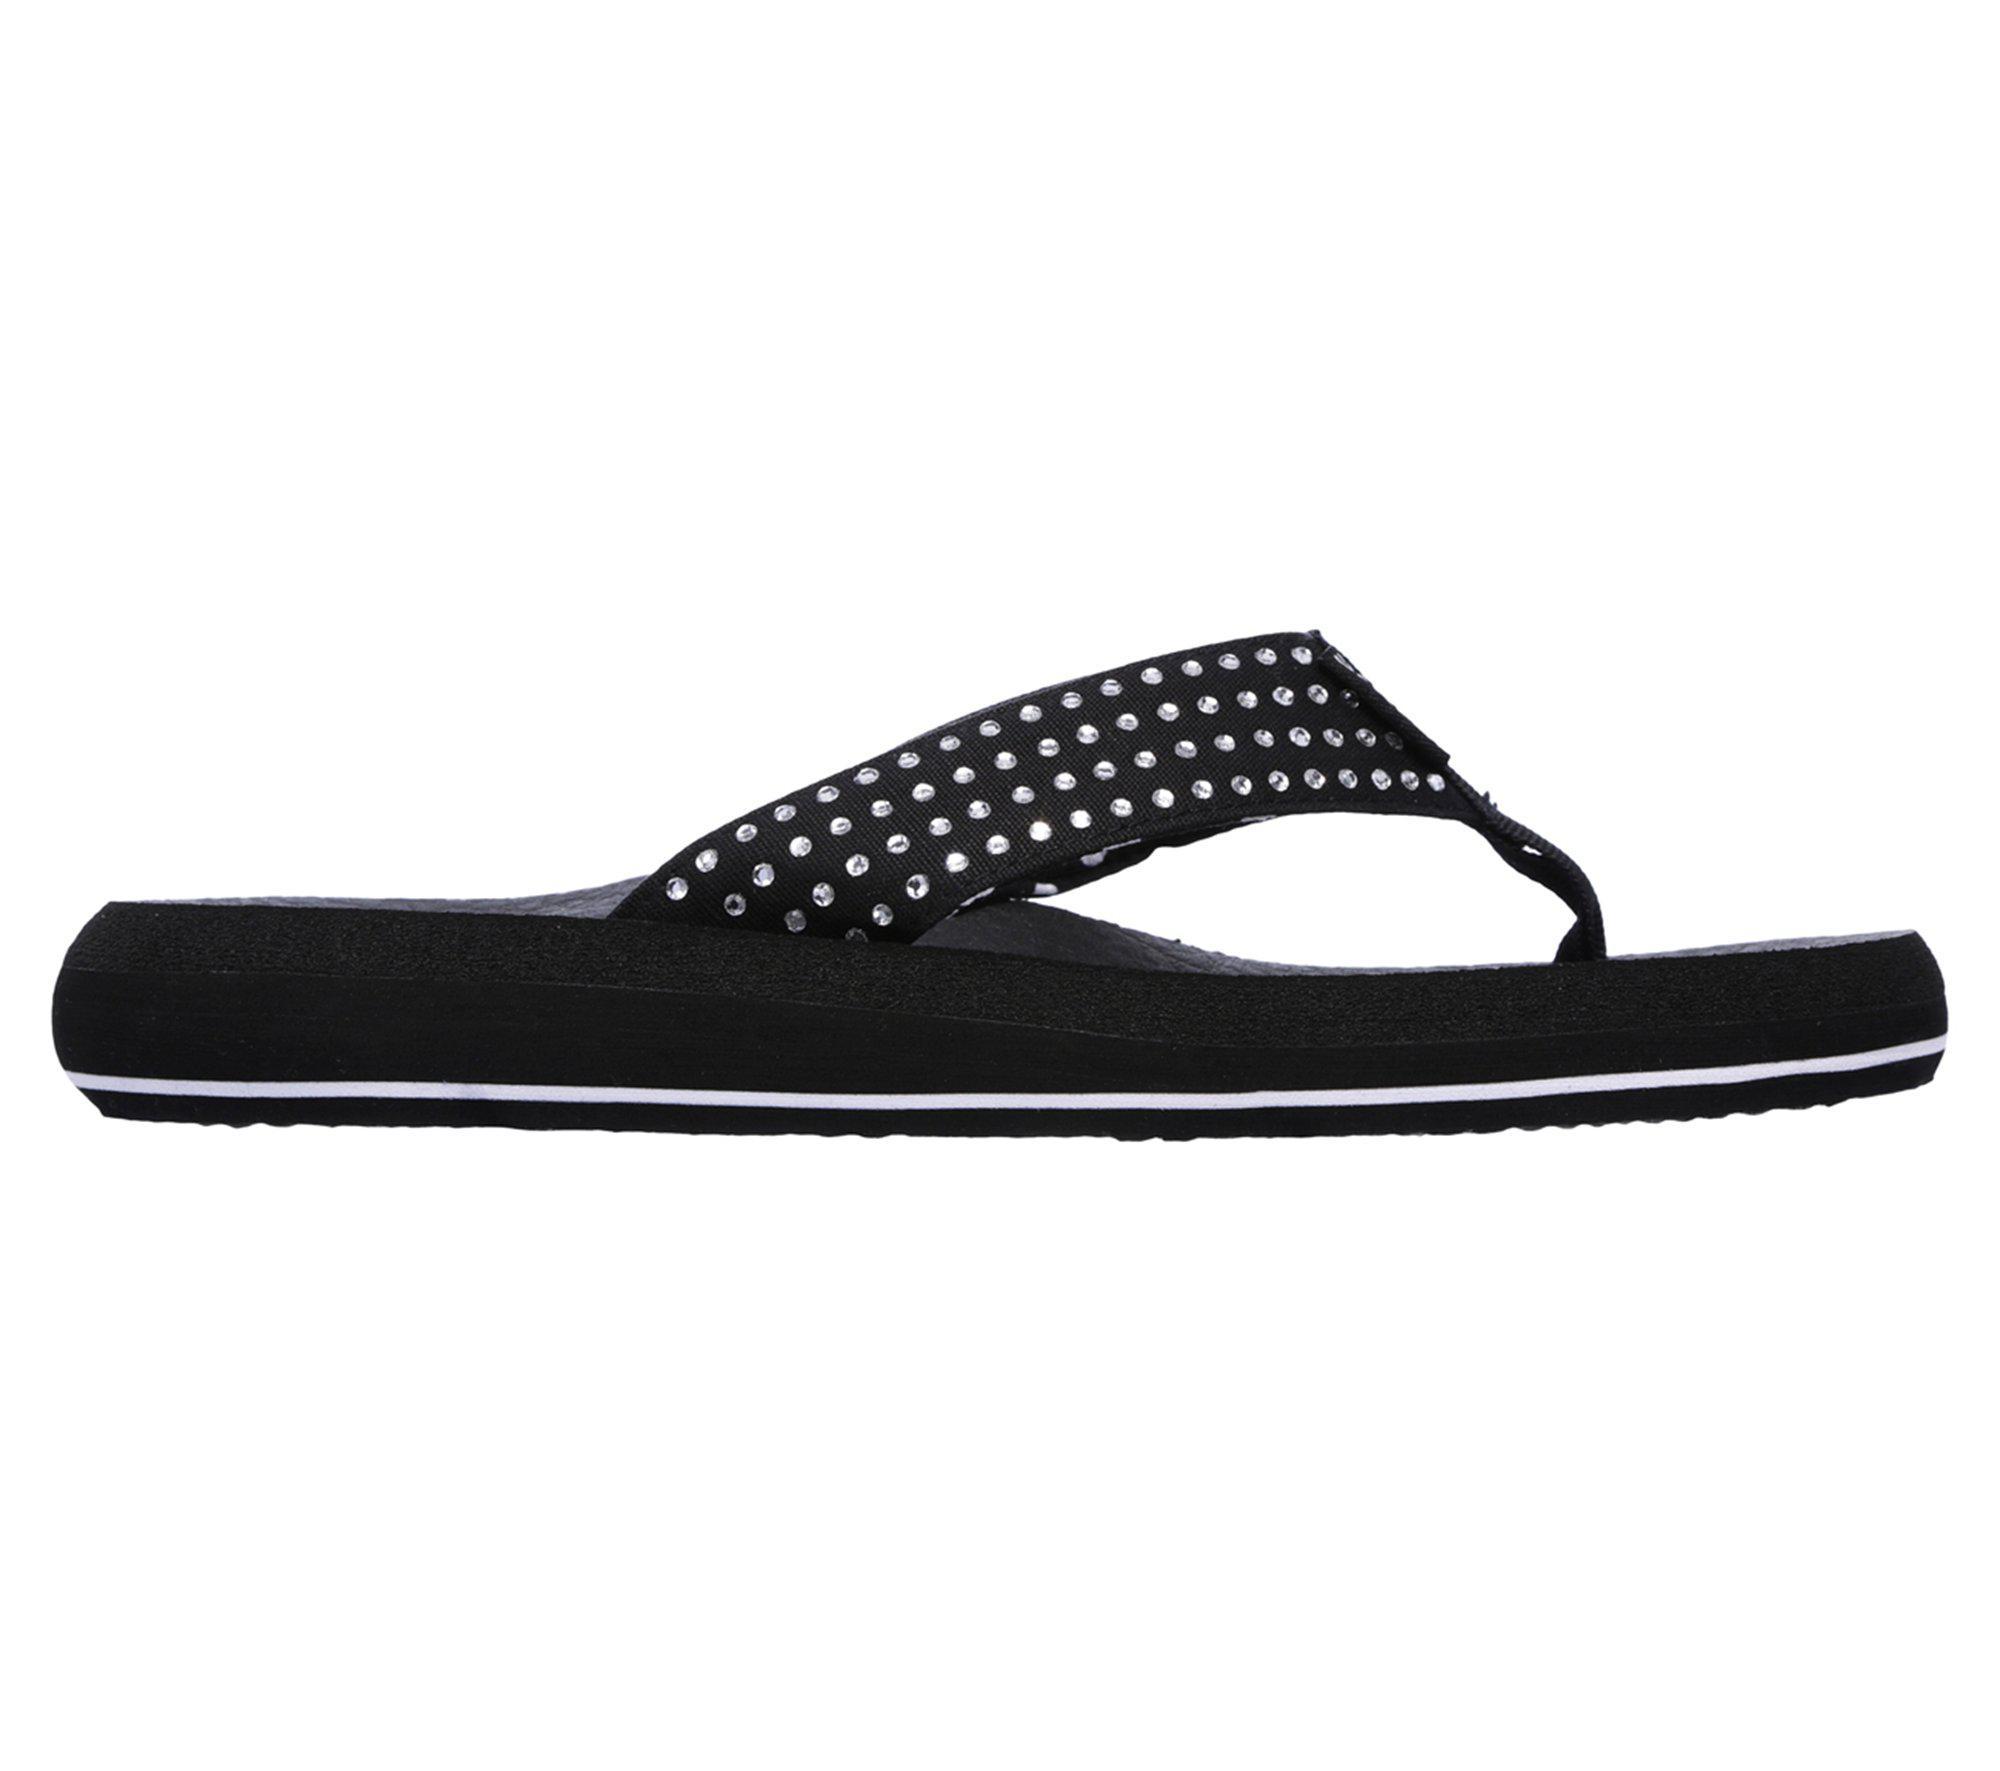 5ad130f6519e Lyst - Skechers Asana - New Age in Black